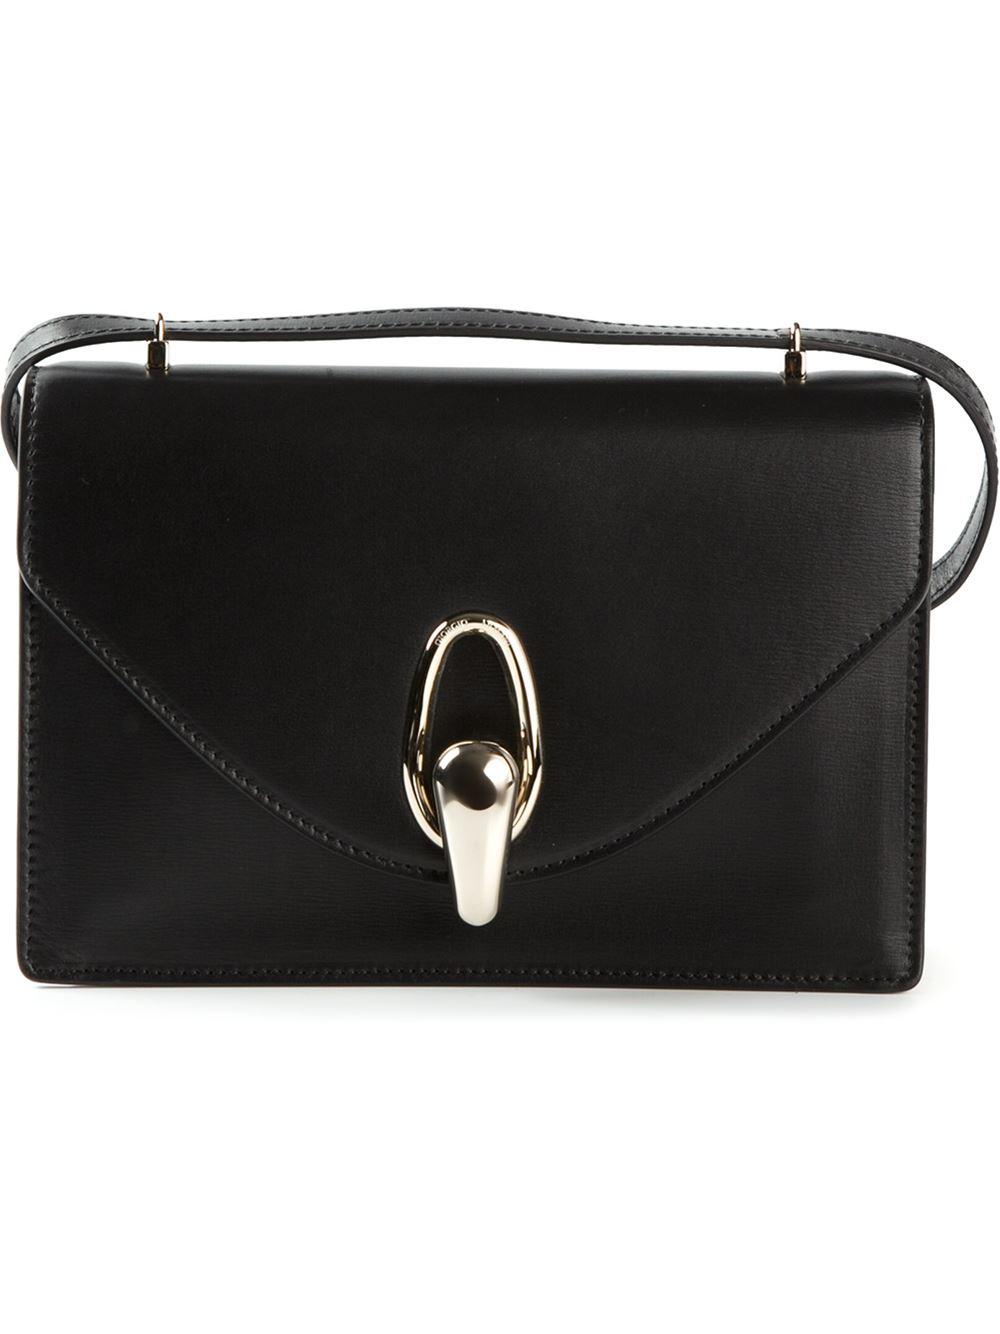 Lyst - Giorgio Armani Small Cross Body Bag in Black 5c65fbe392